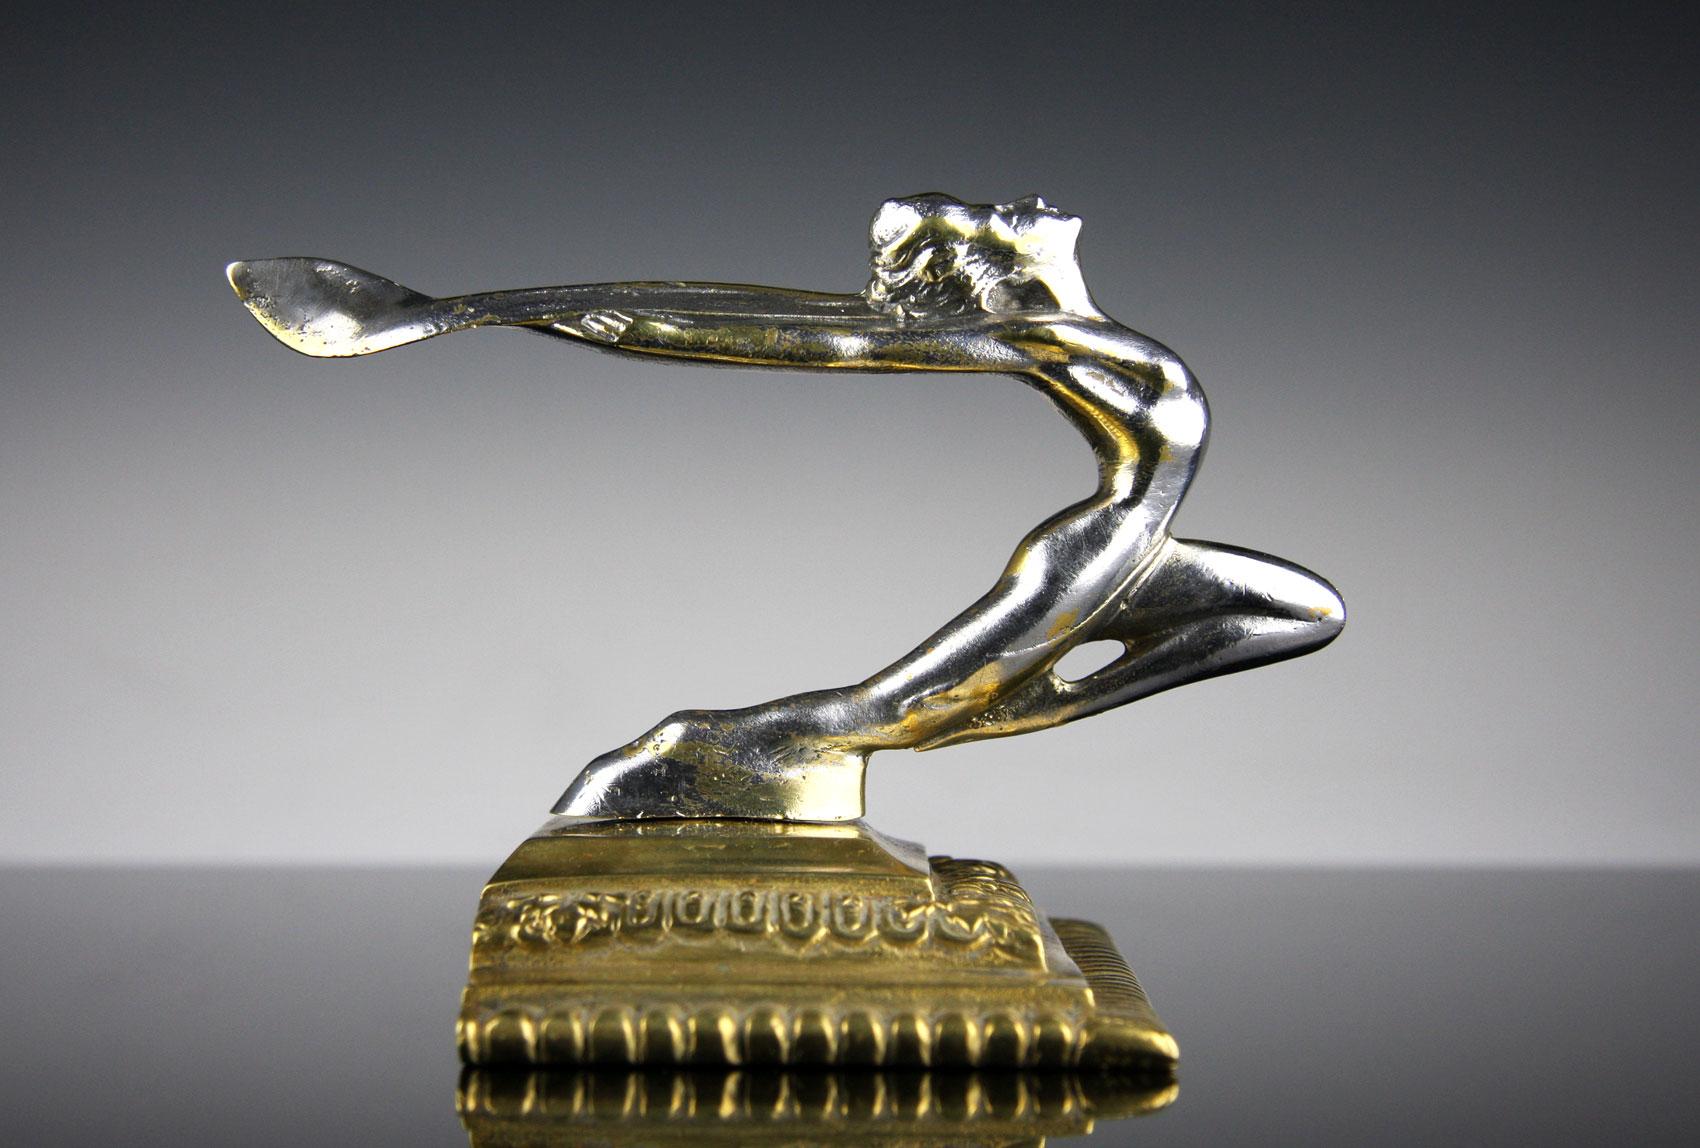 rare vintage art deco hood ornament car mascot 1930 bronze ebay. Black Bedroom Furniture Sets. Home Design Ideas